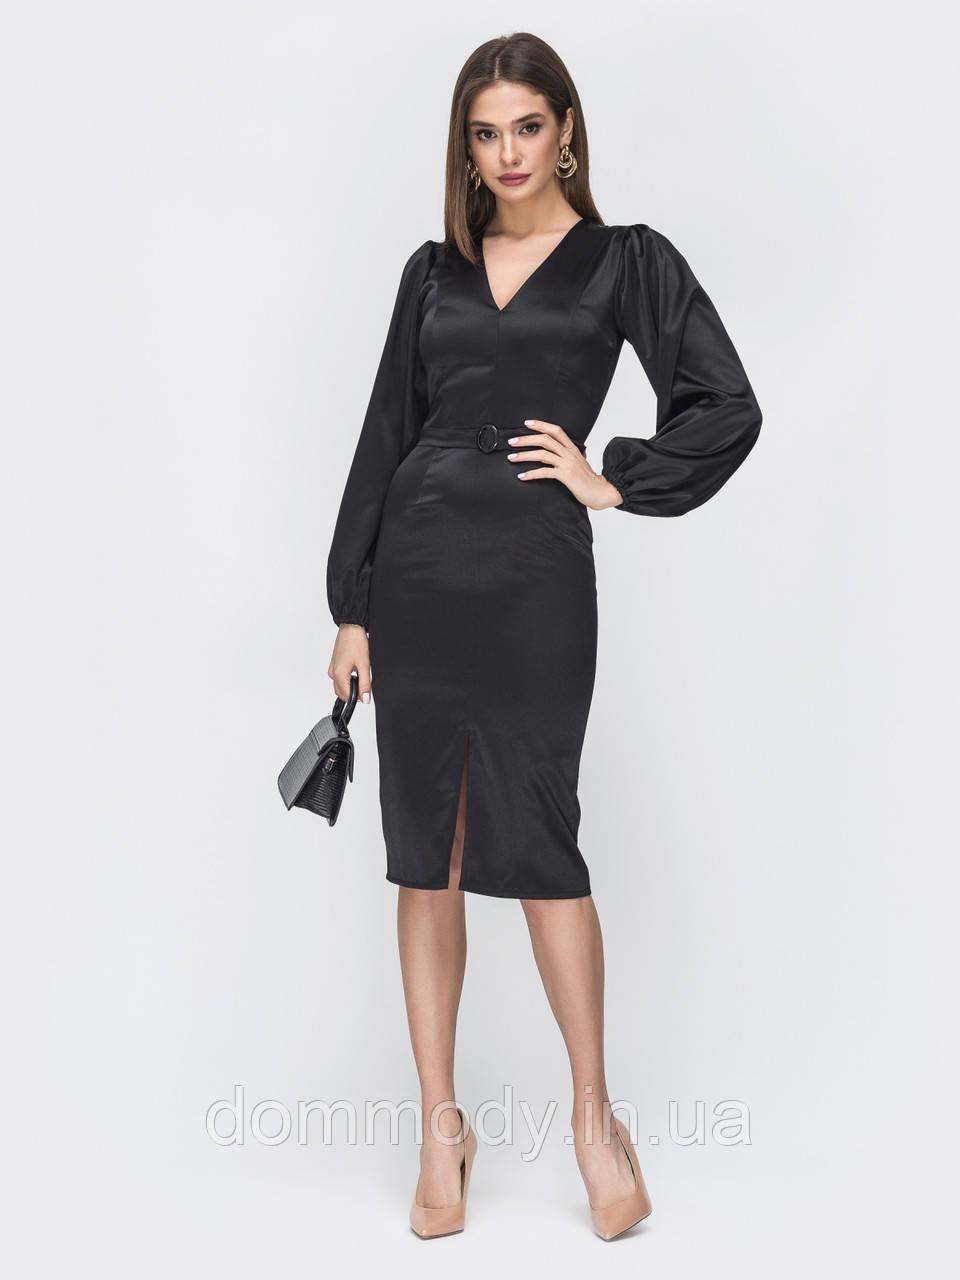 Платье женское Businesslike